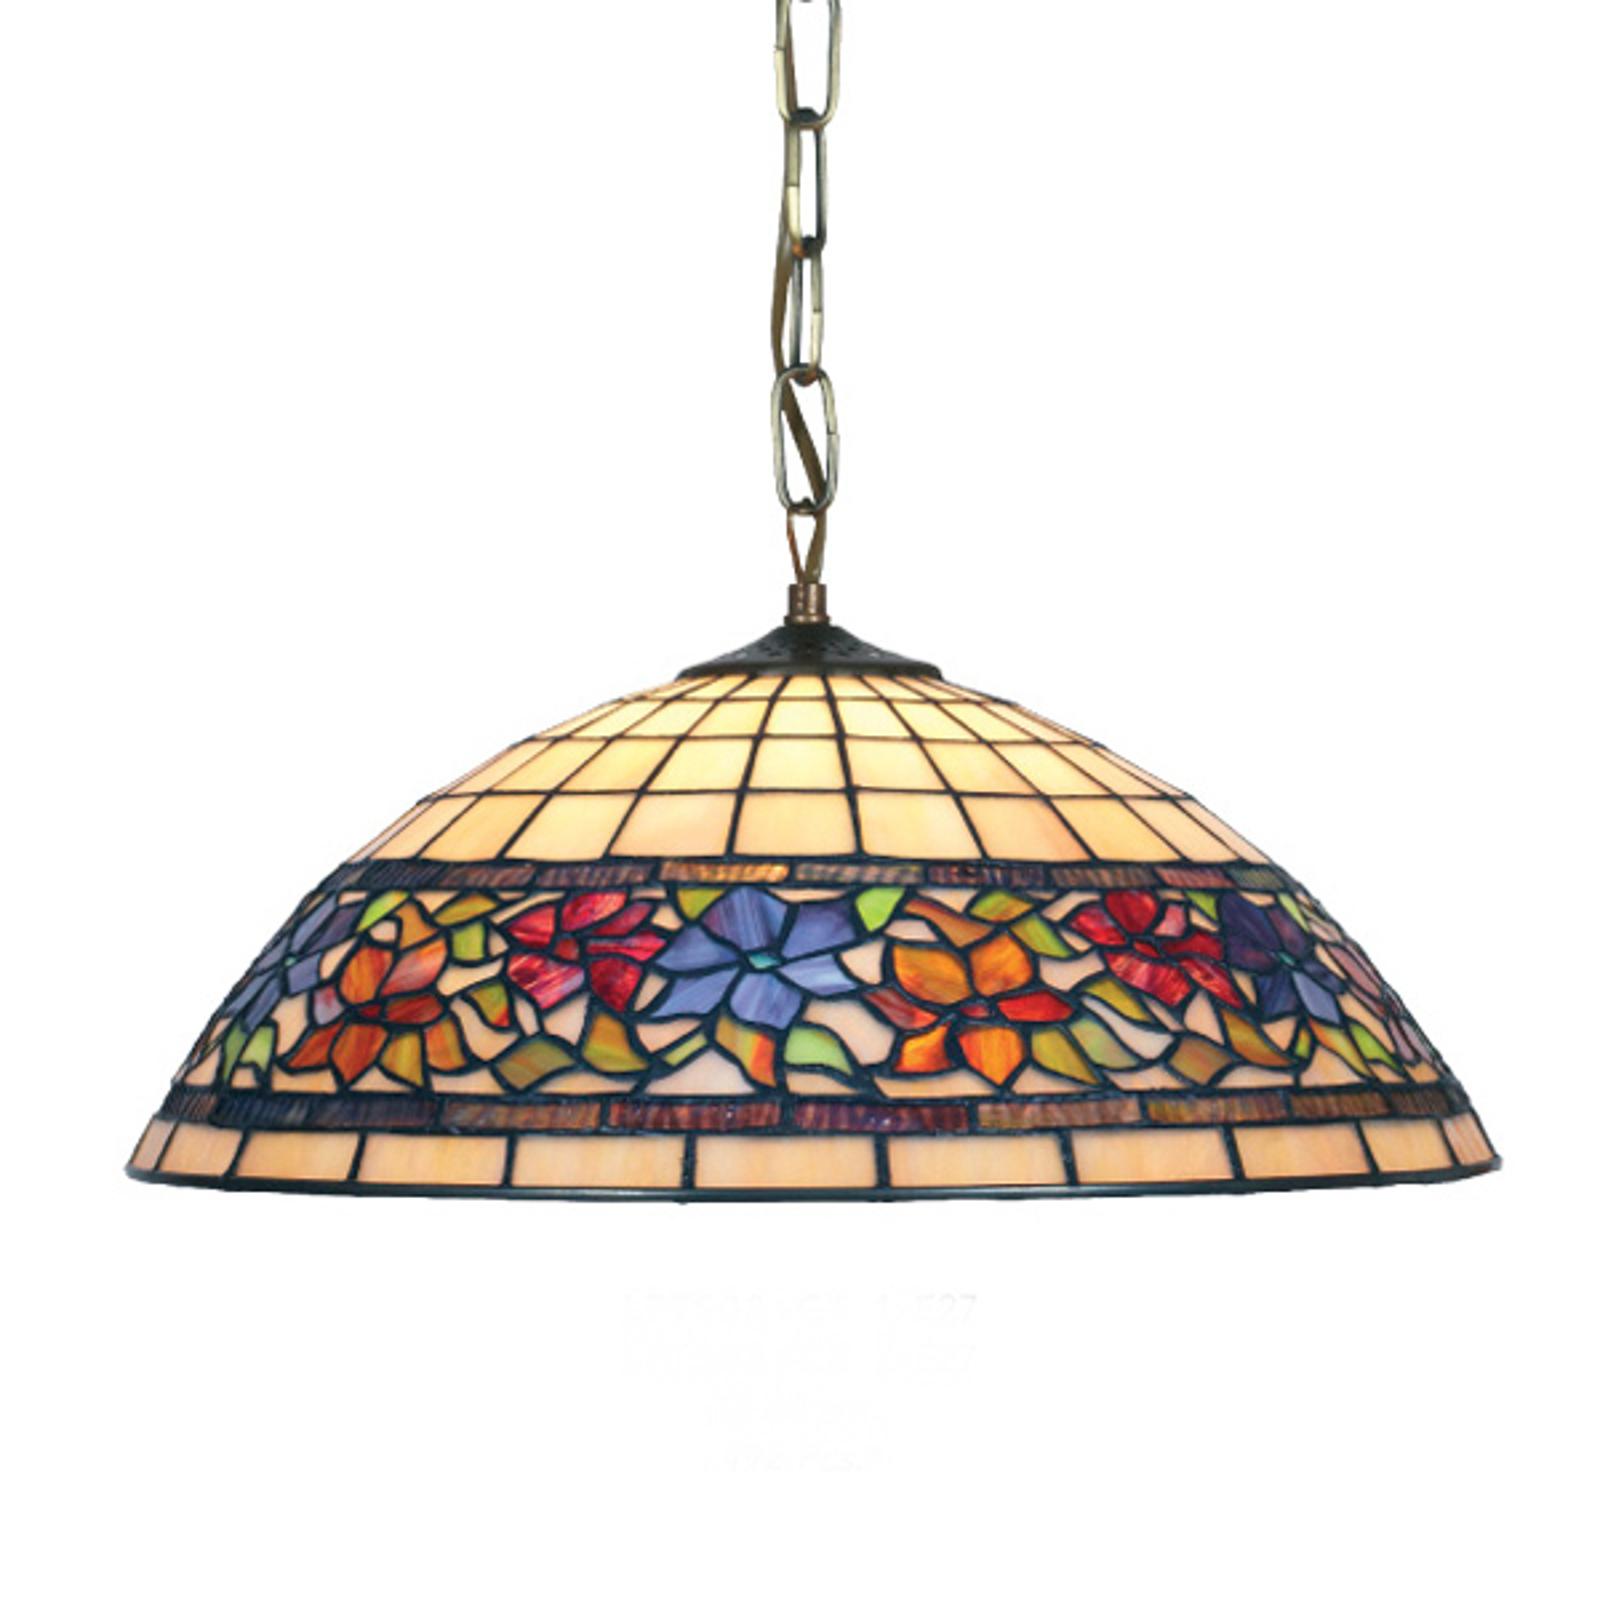 Lampa wisząca Flora styl Tiffany dół otwarty 1xE27